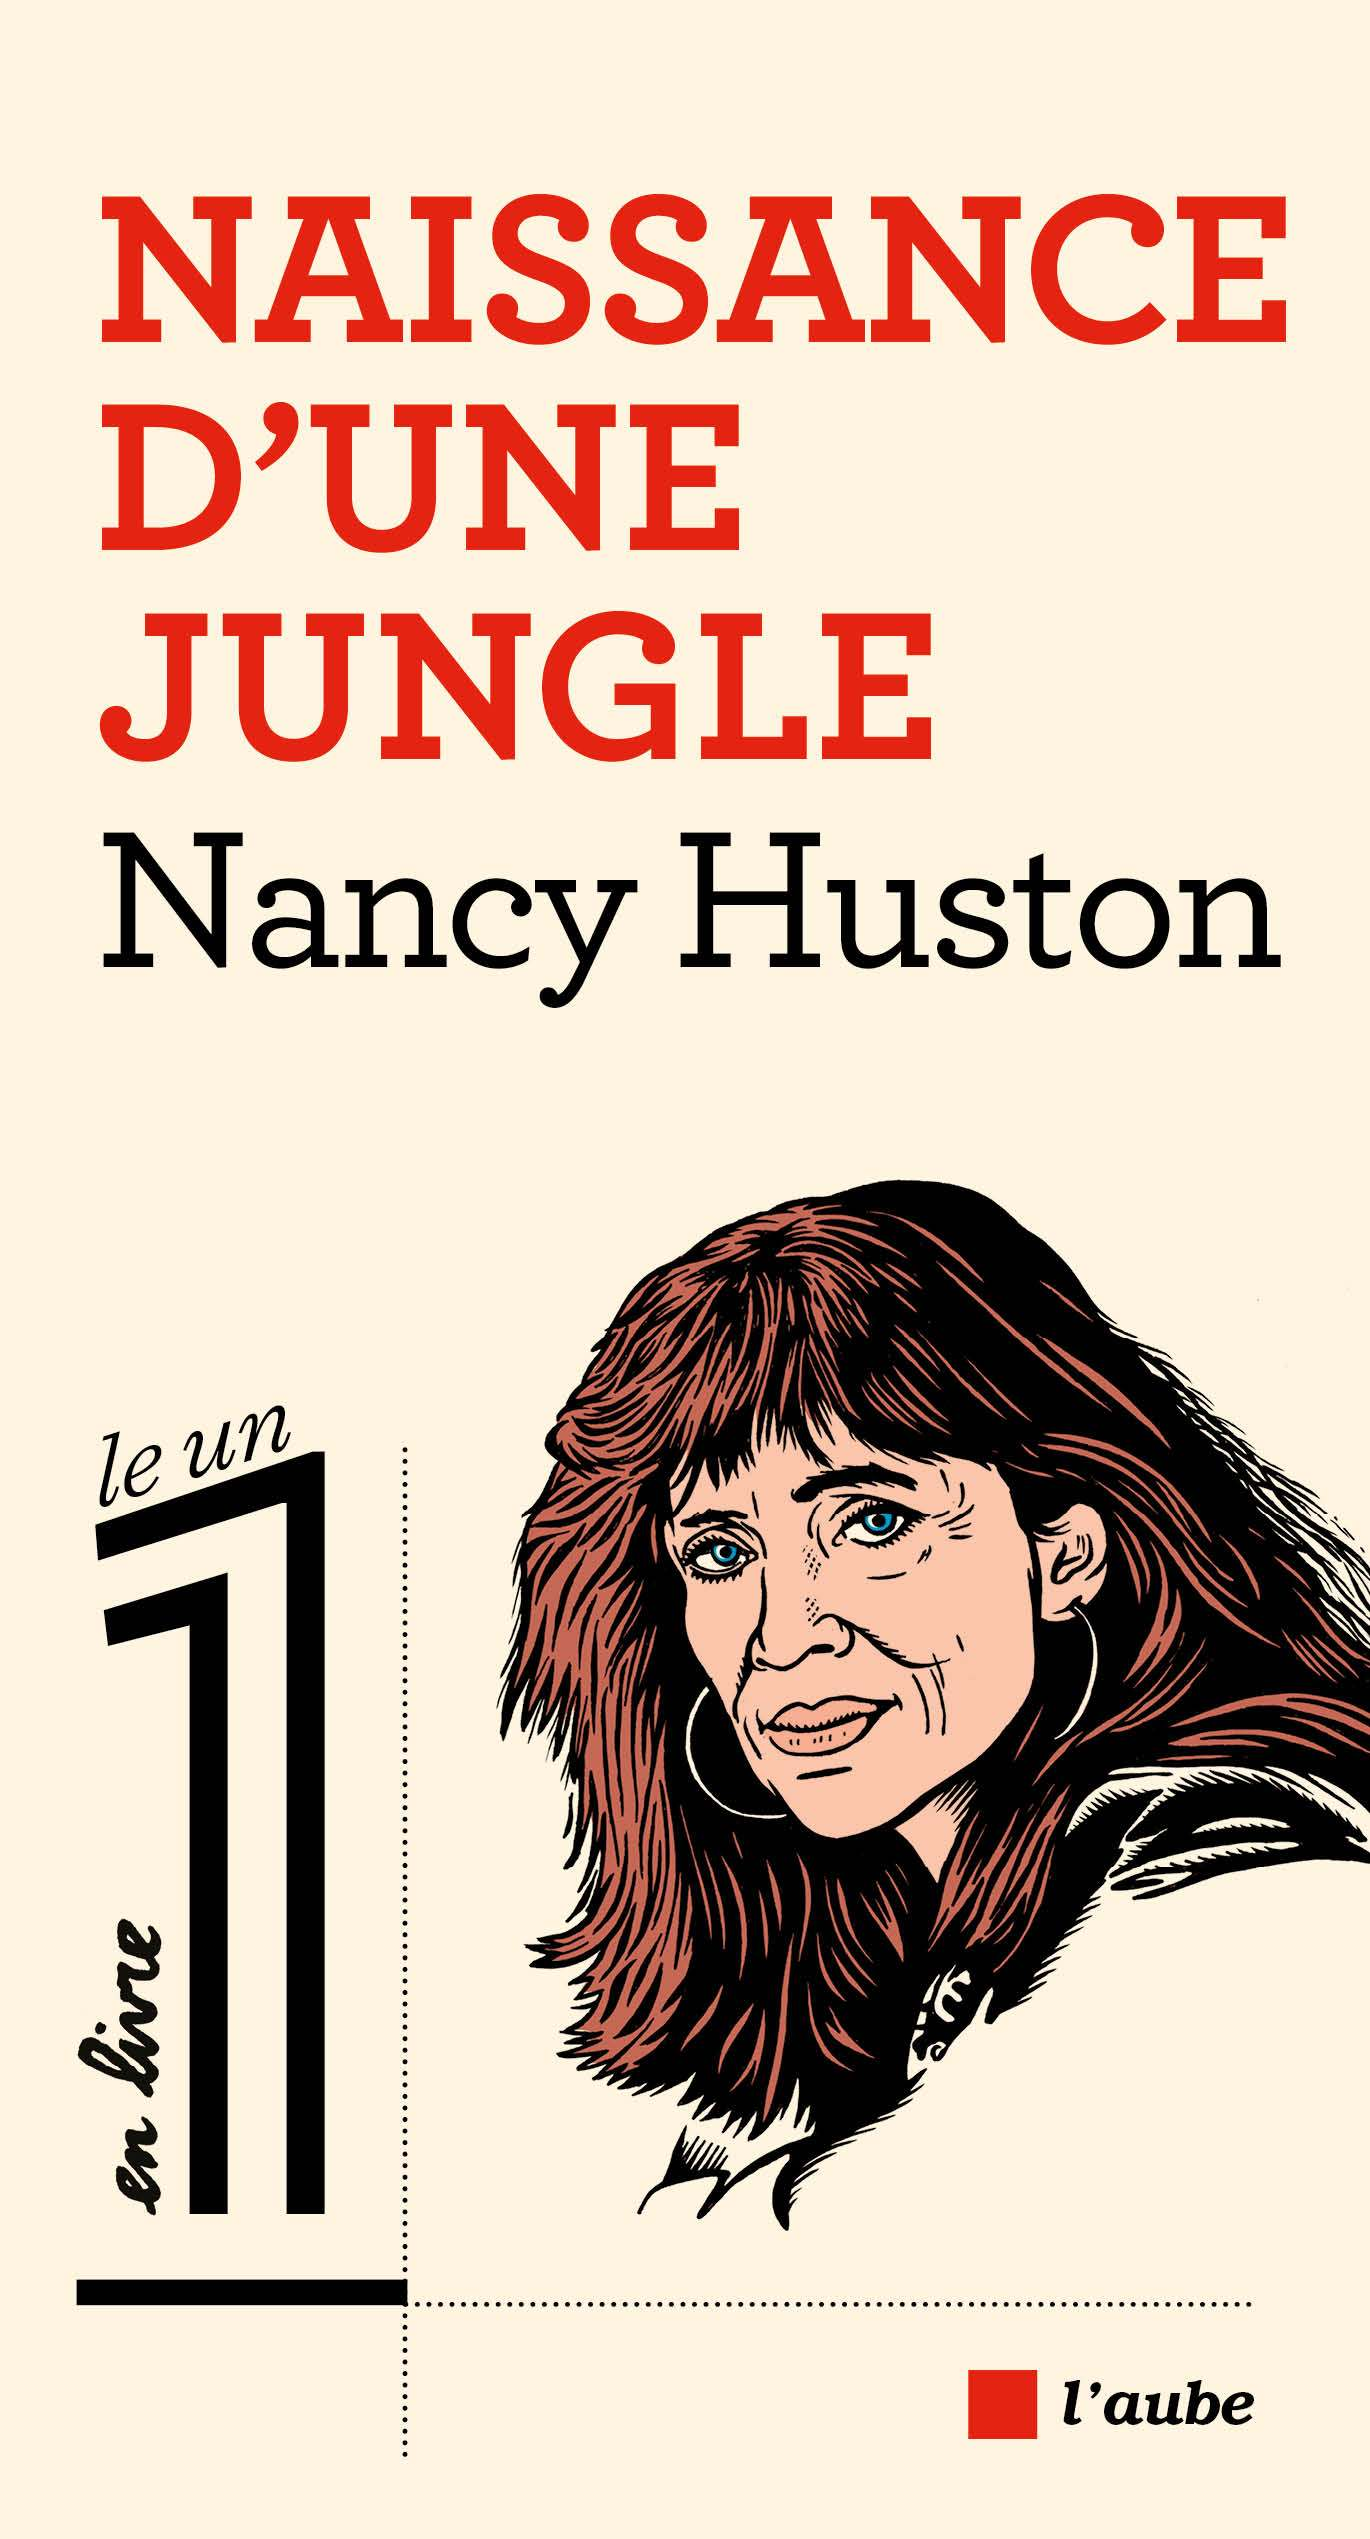 Naissance d'une jungle